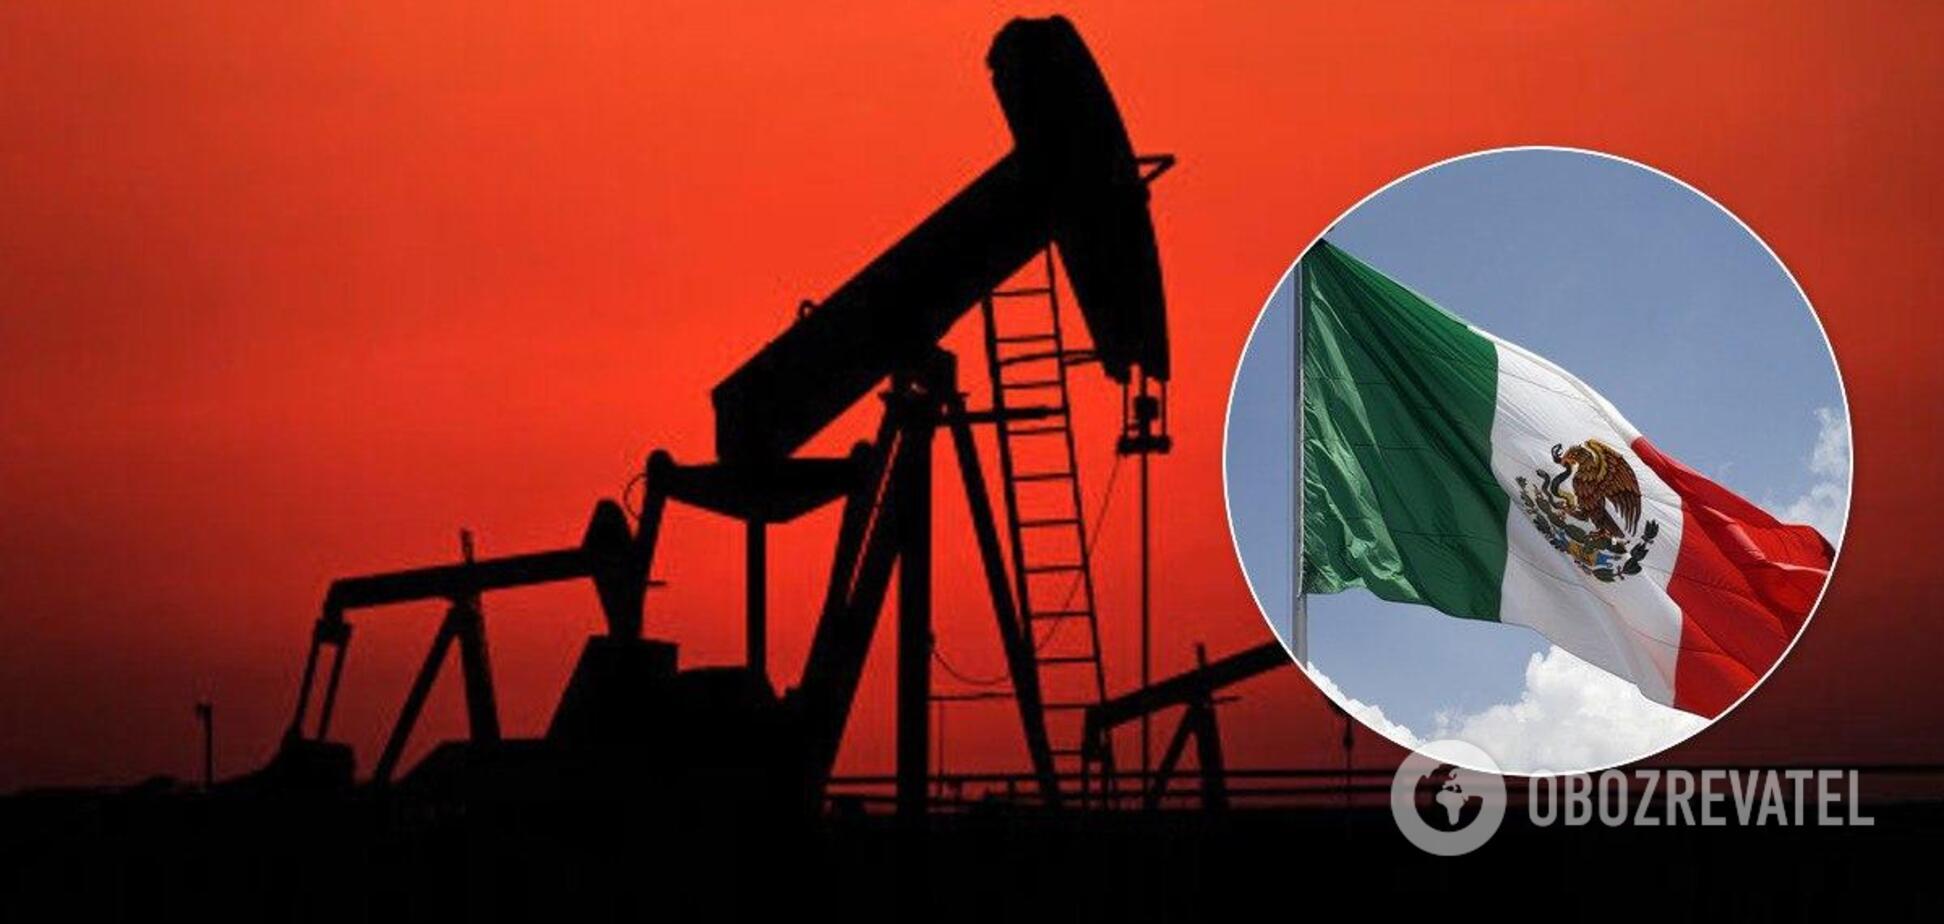 Мексика погодилася знизити видобуток і закінчити нафтову війну